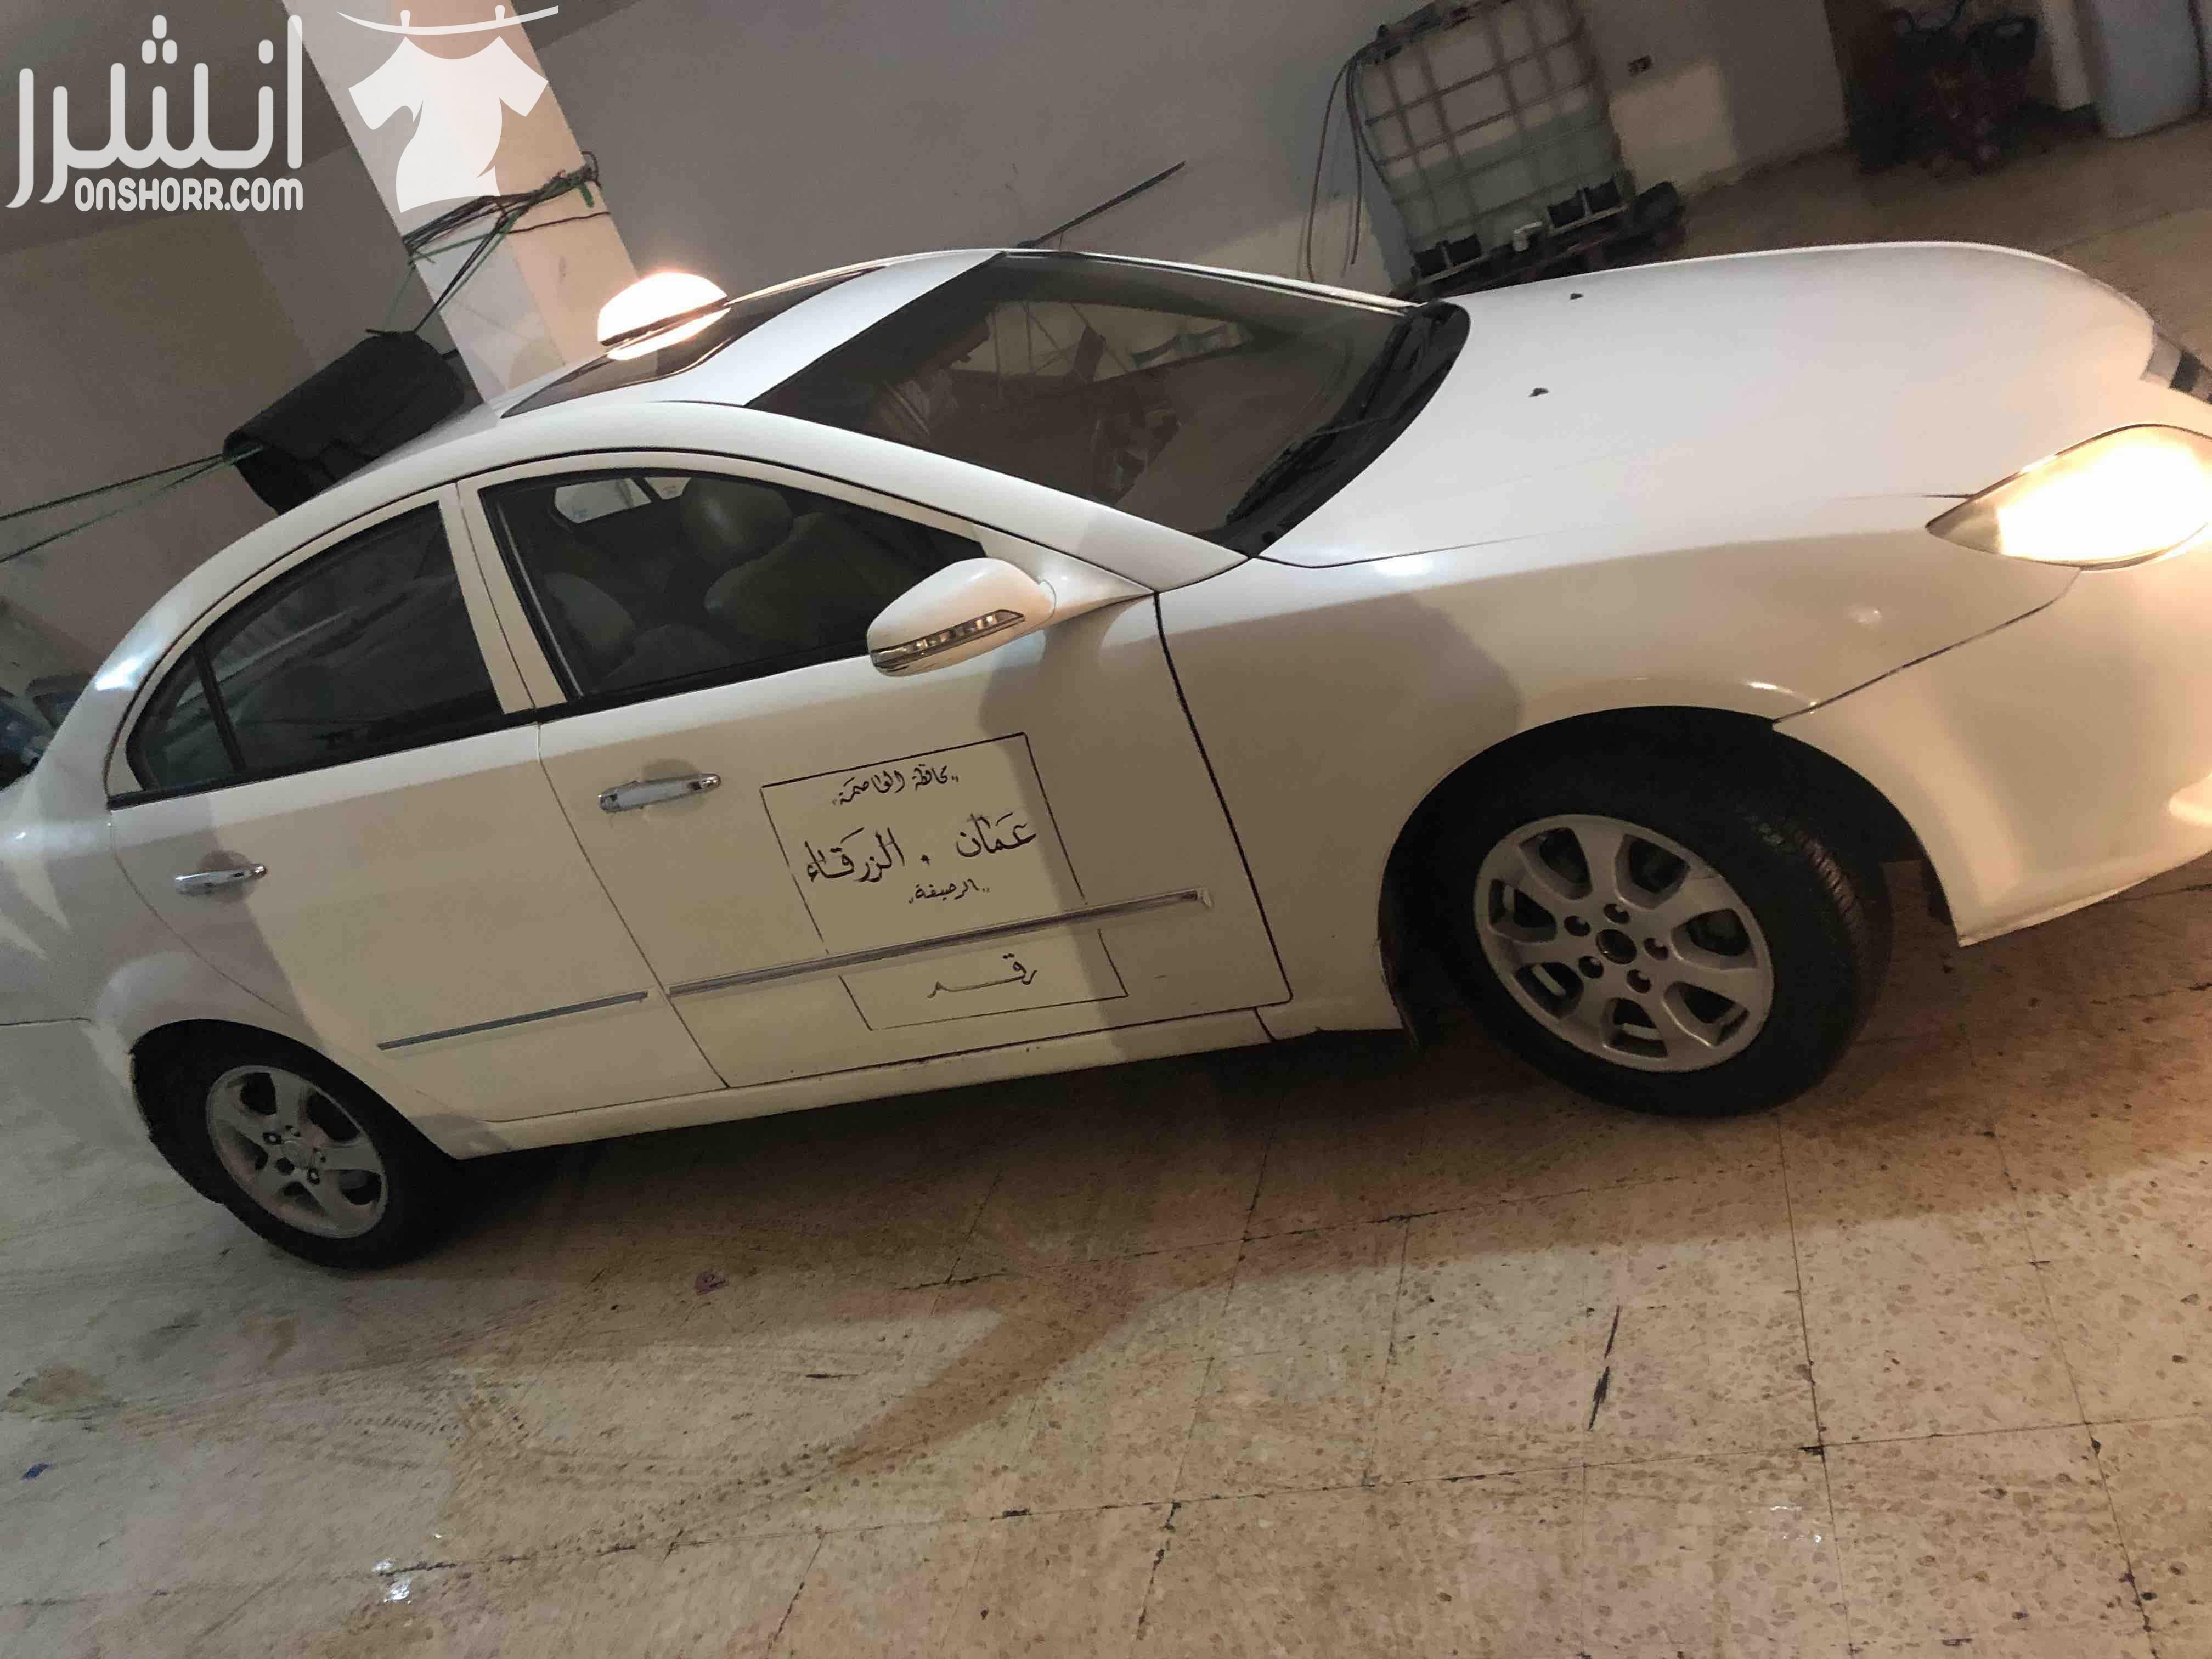 هوندا سيفيك 2008 مستعملة-  سياره سرفيس عمومي للبيع...